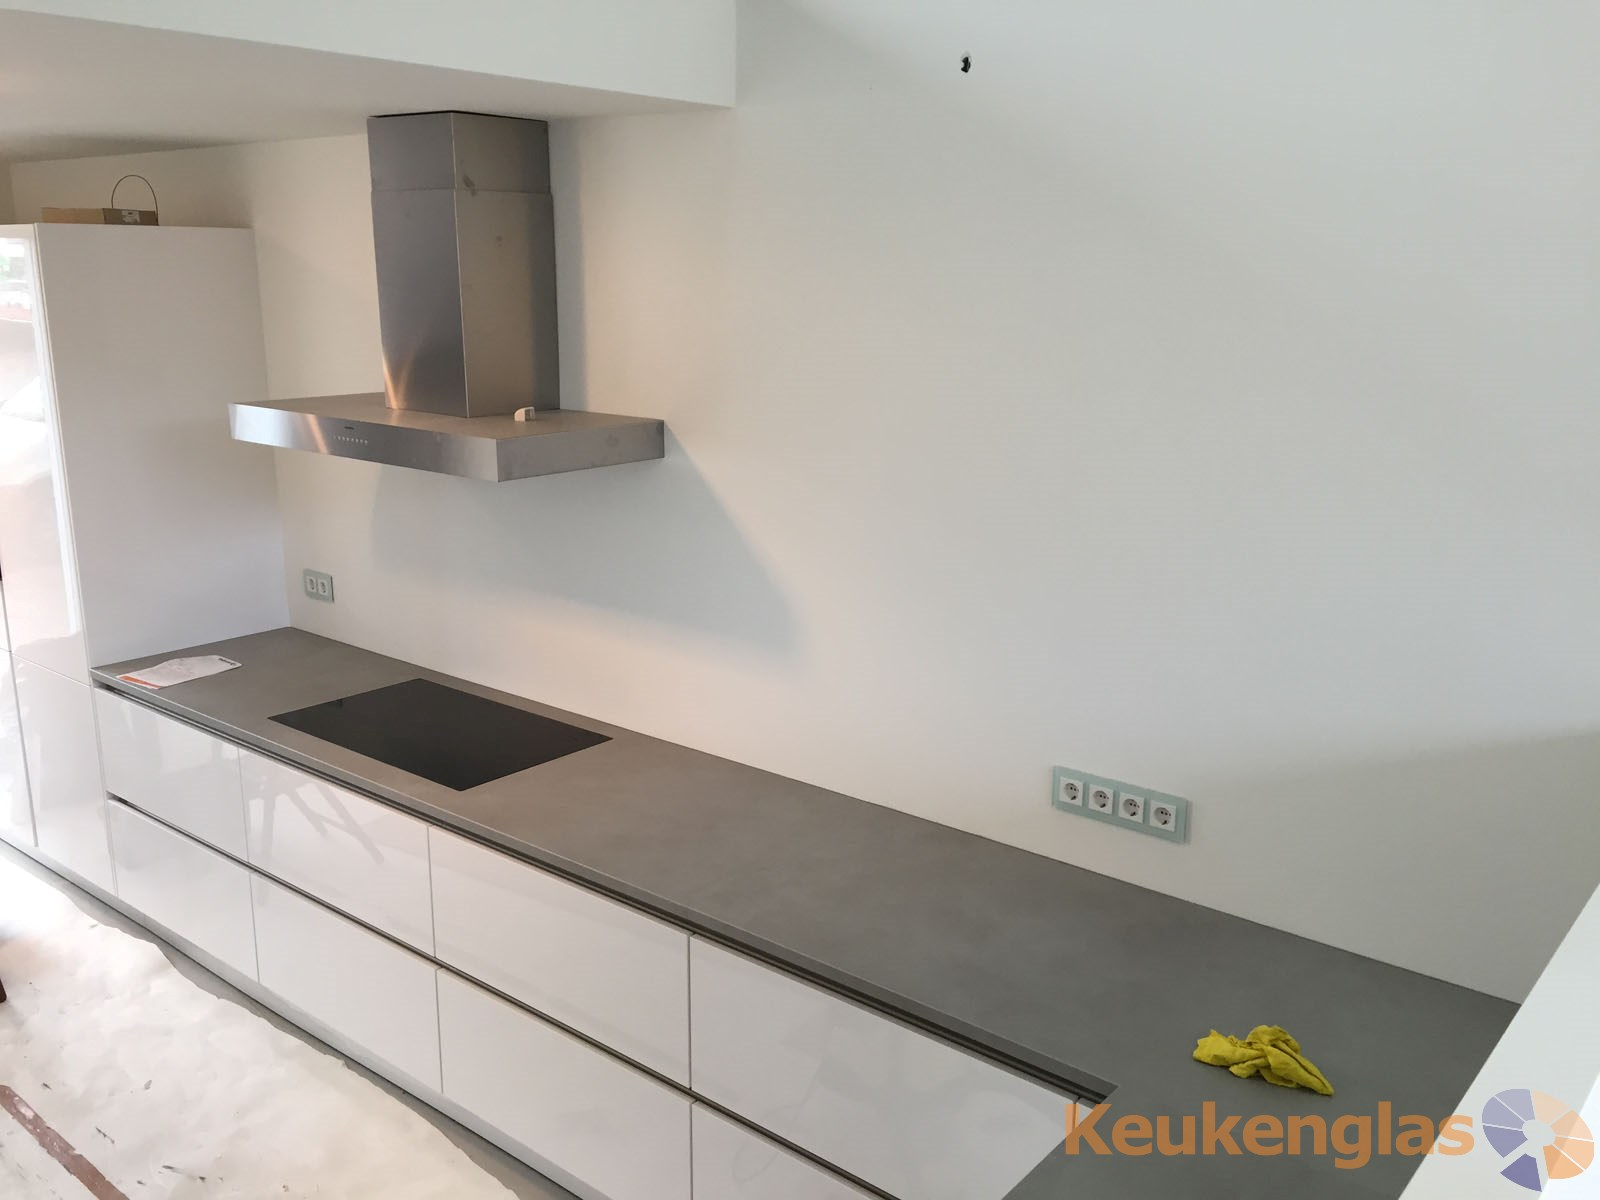 Keuken Haarlem voor plaatsing keuken achterwand